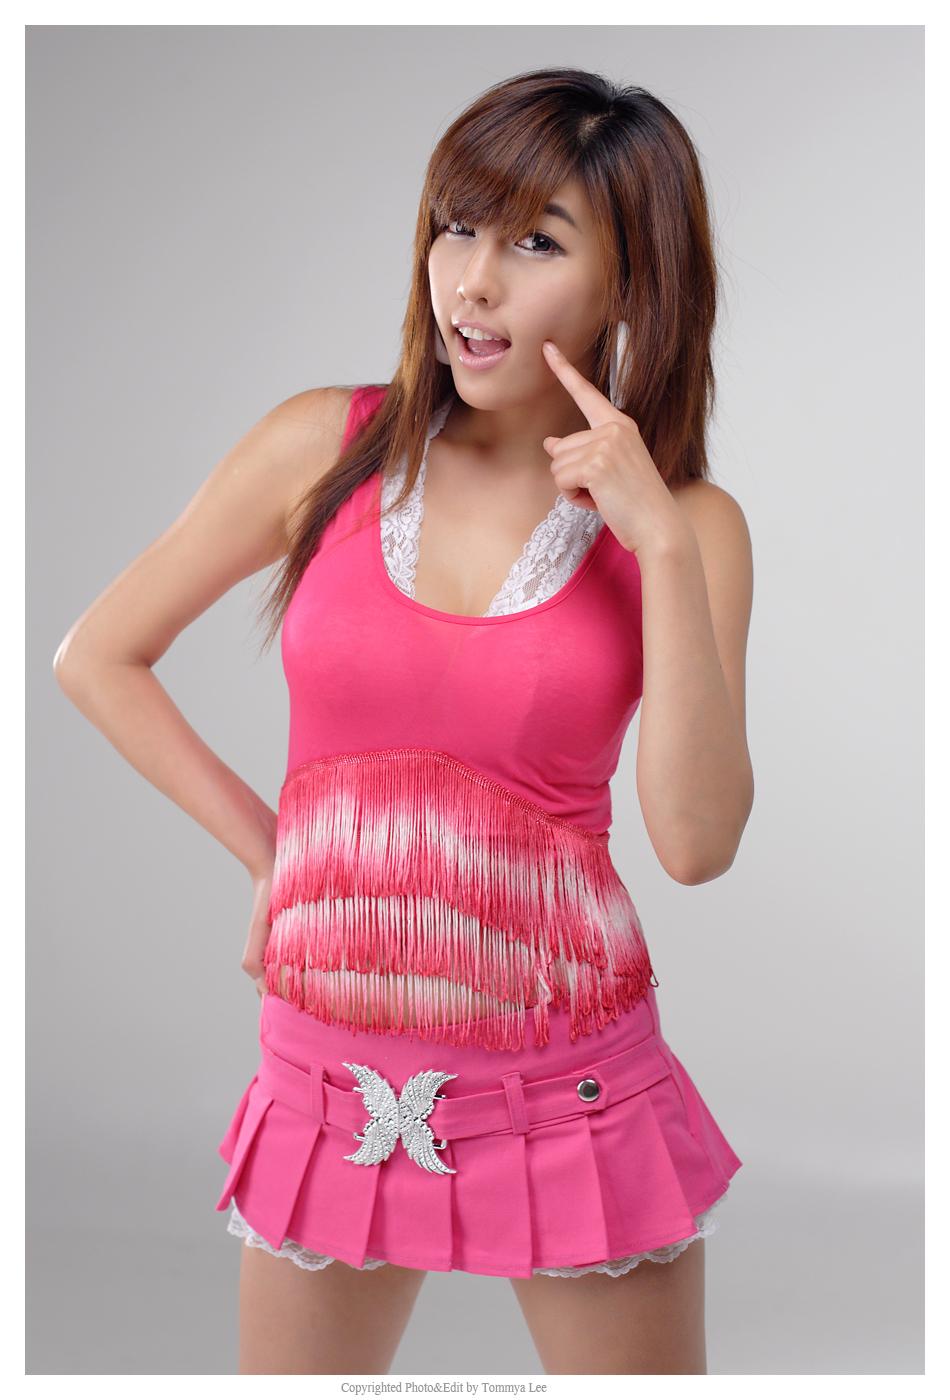 Jung yuri pink top and skirt foto bugil bokep 2017 for Foto top